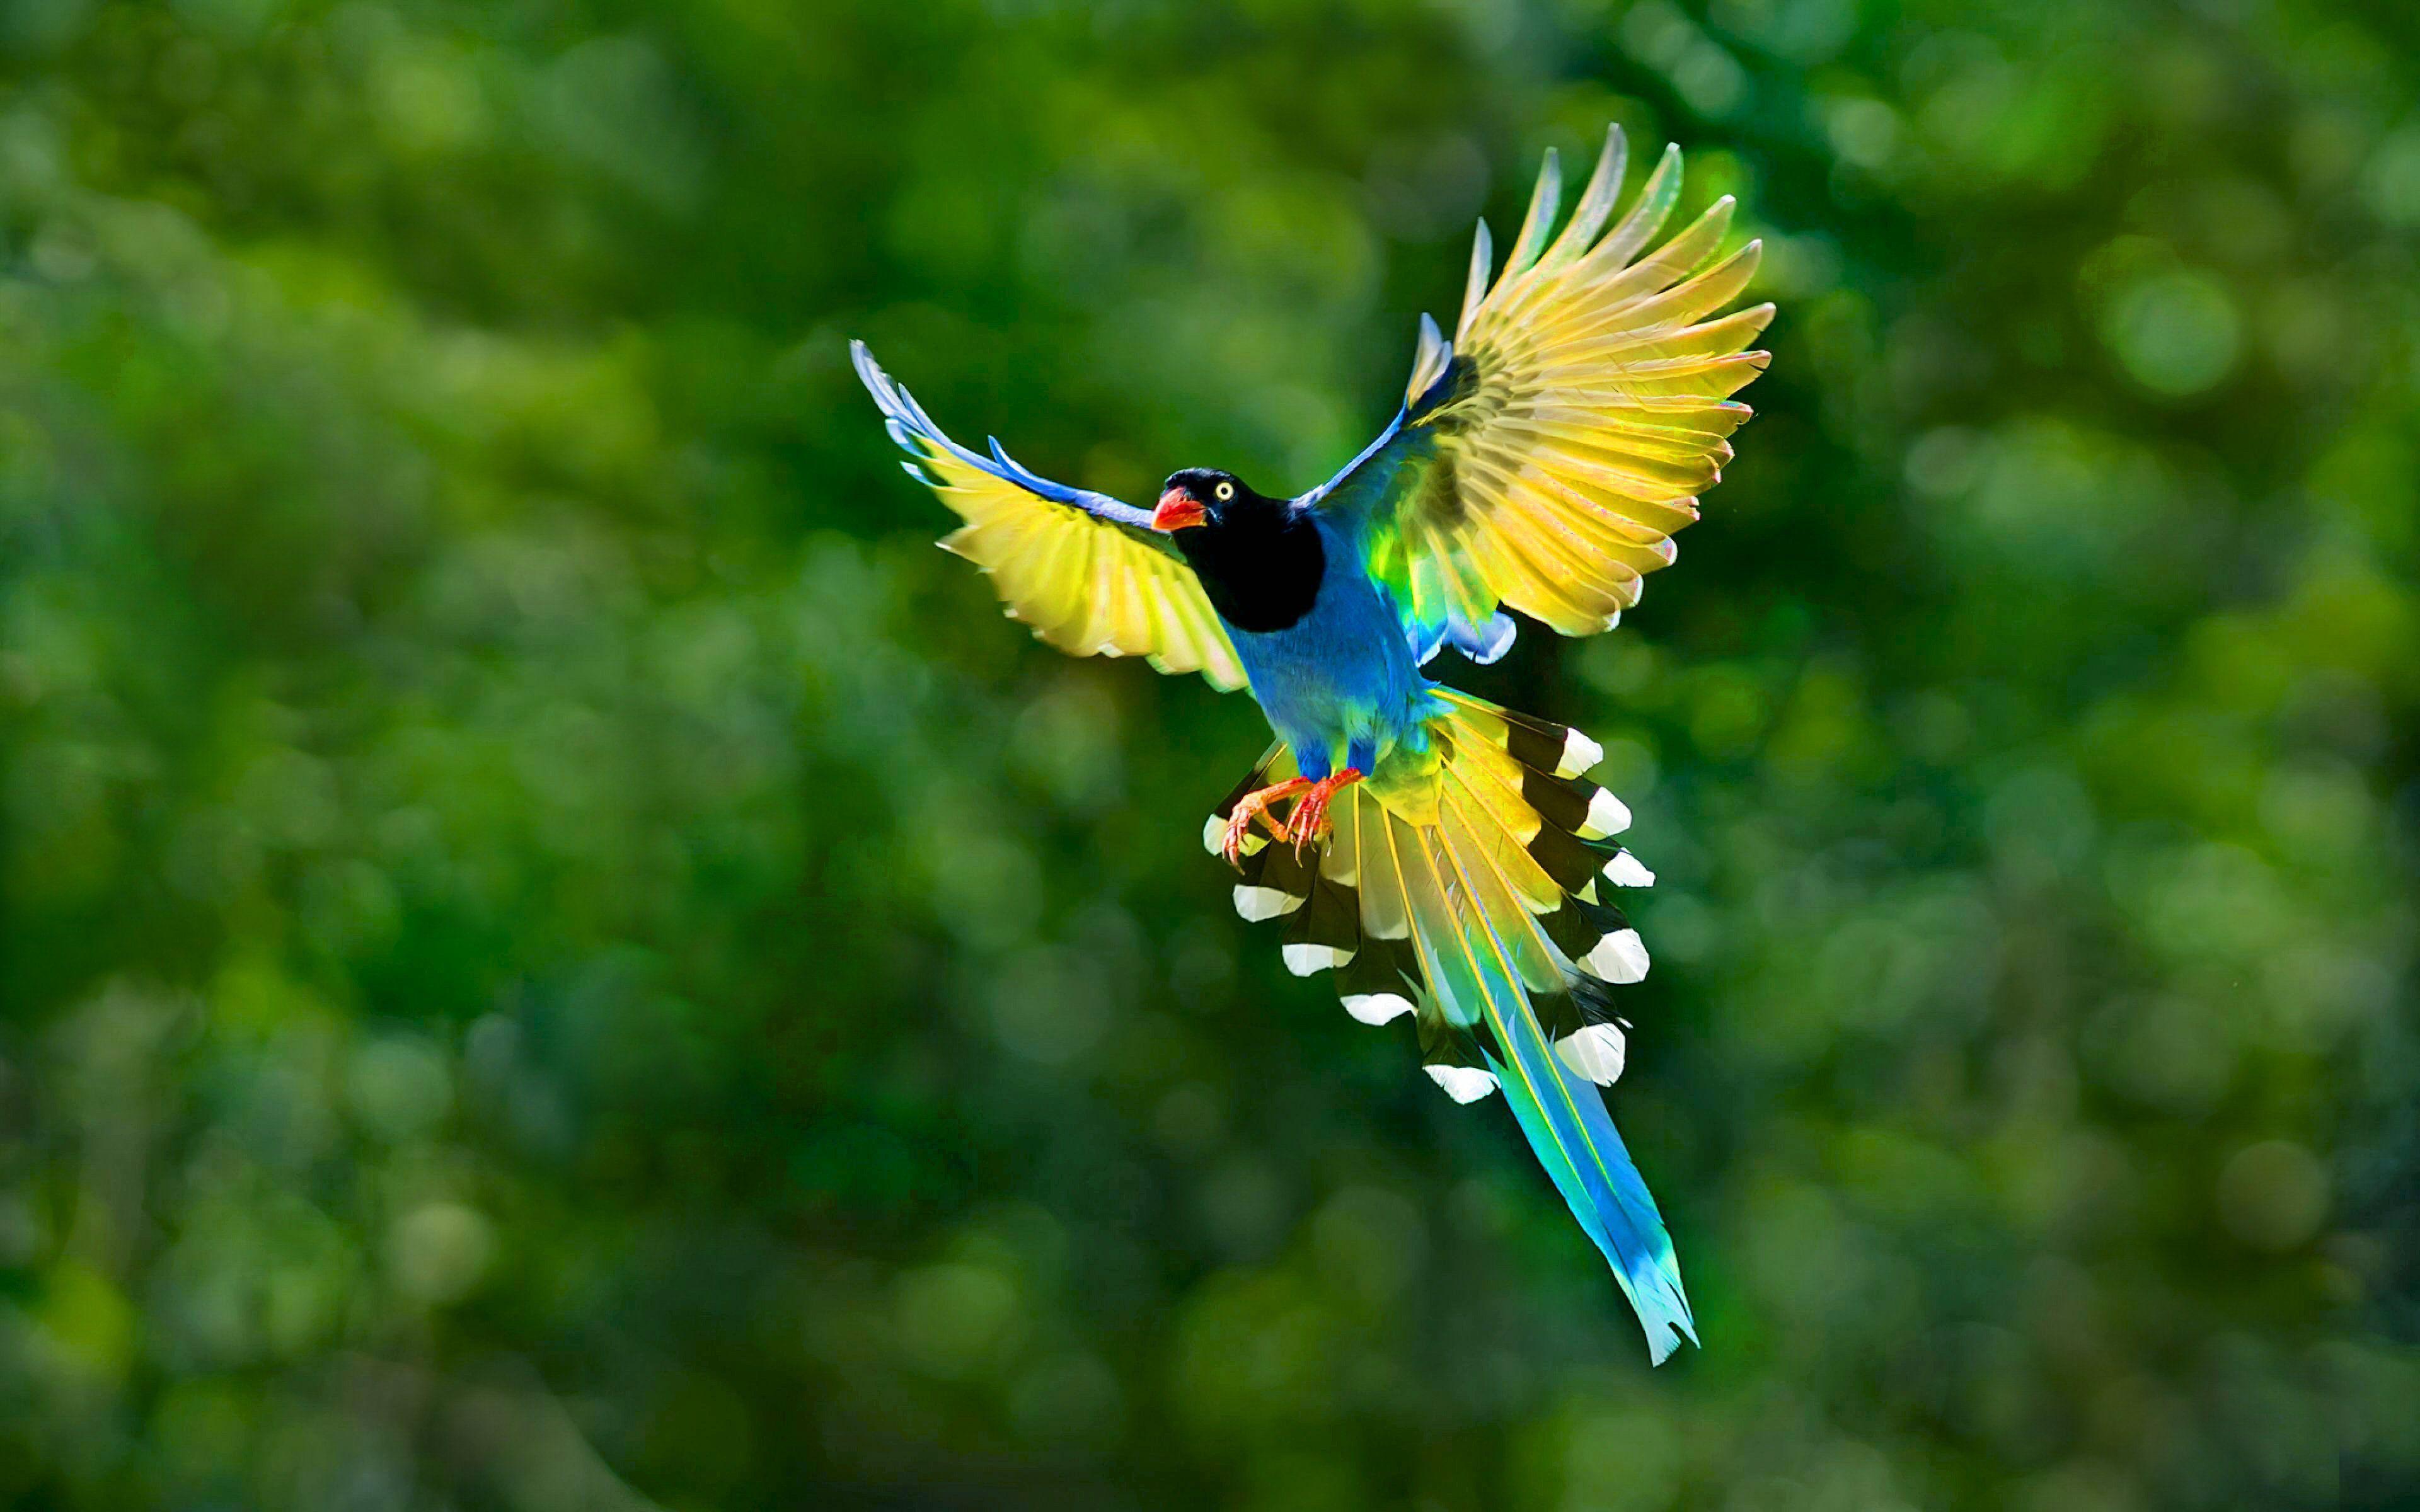 Bird Wallpapers Top Free Bird Backgrounds Wallpaperaccess